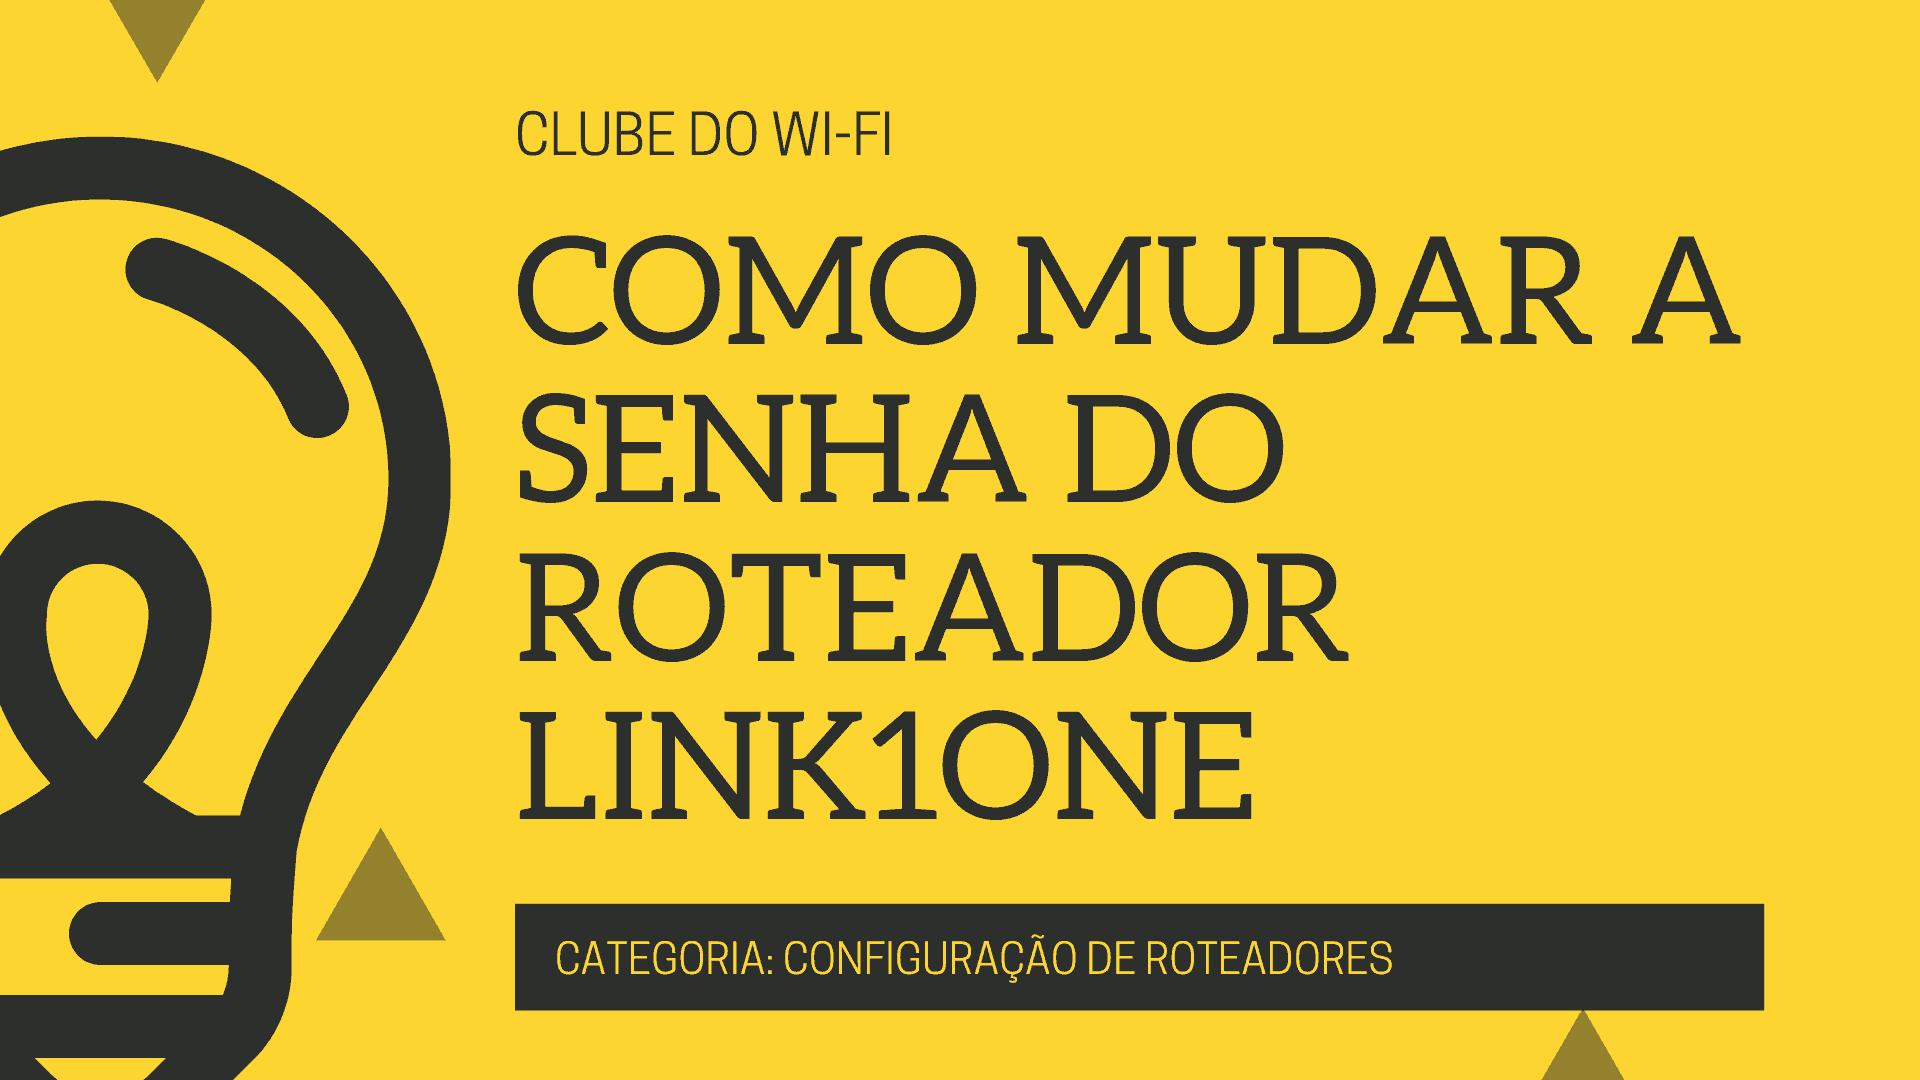 Como configurar o roteador link1one